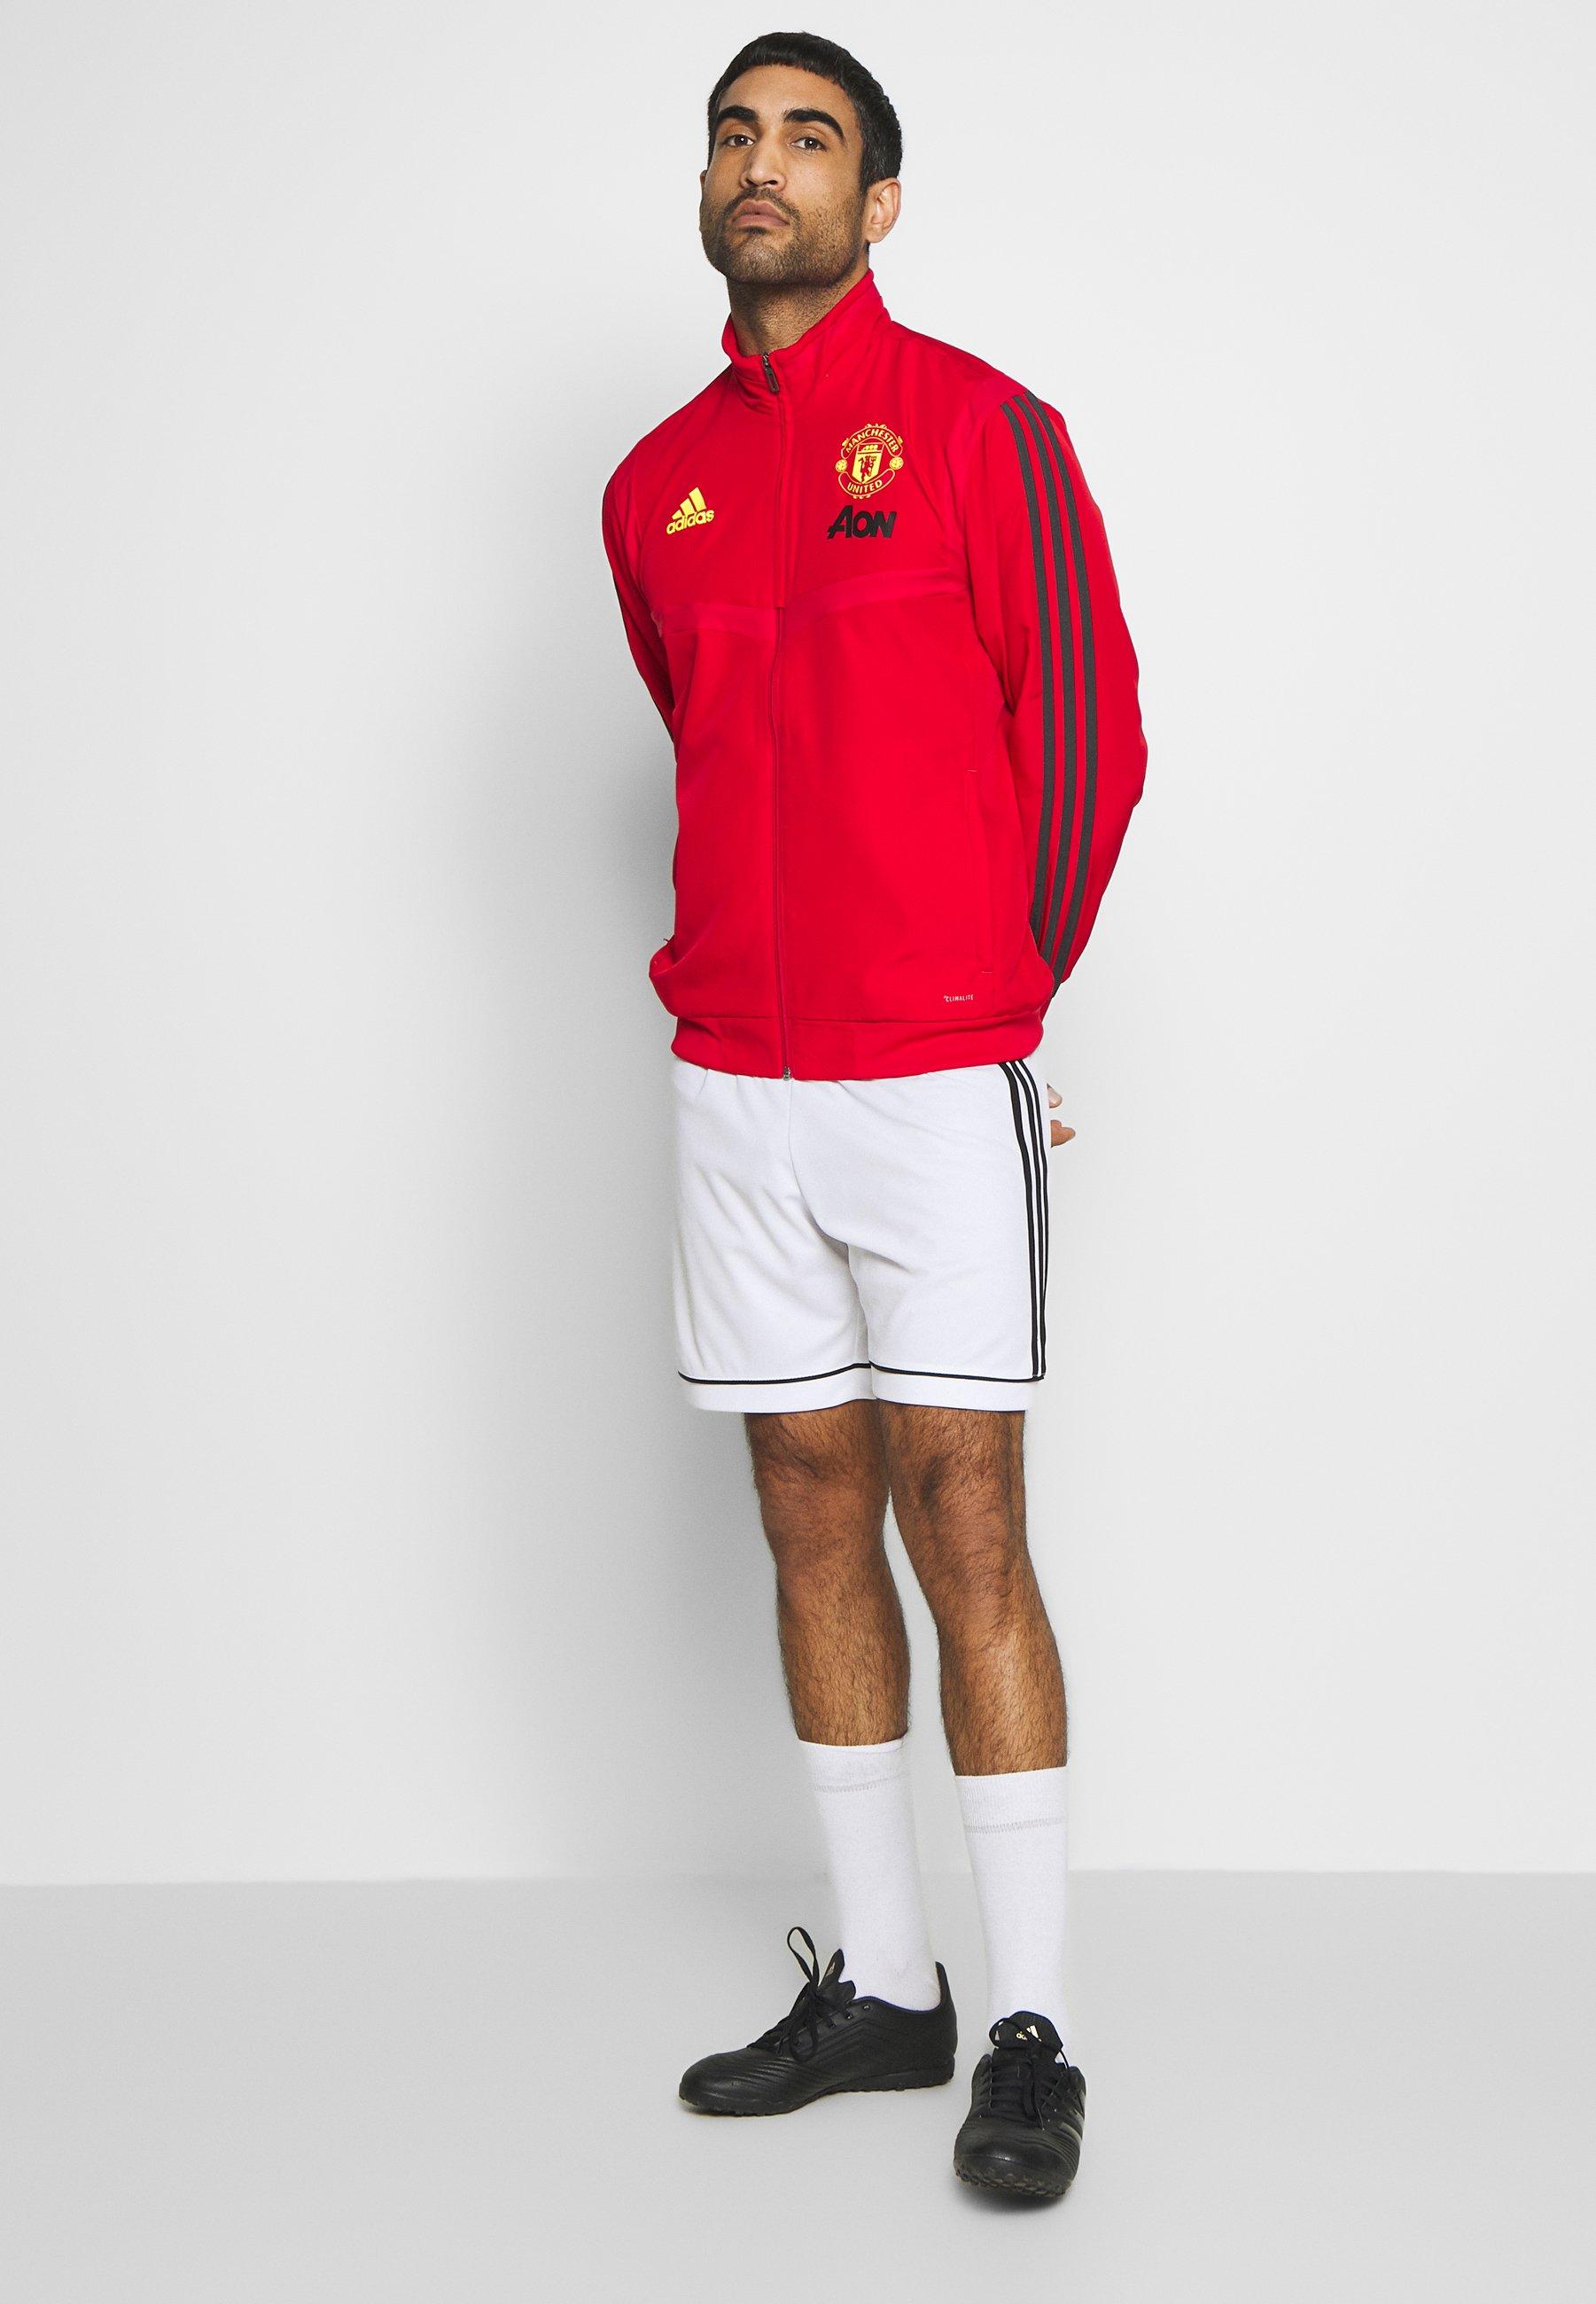 Adidas Performance Mufc Pre - Klubbkläder Red